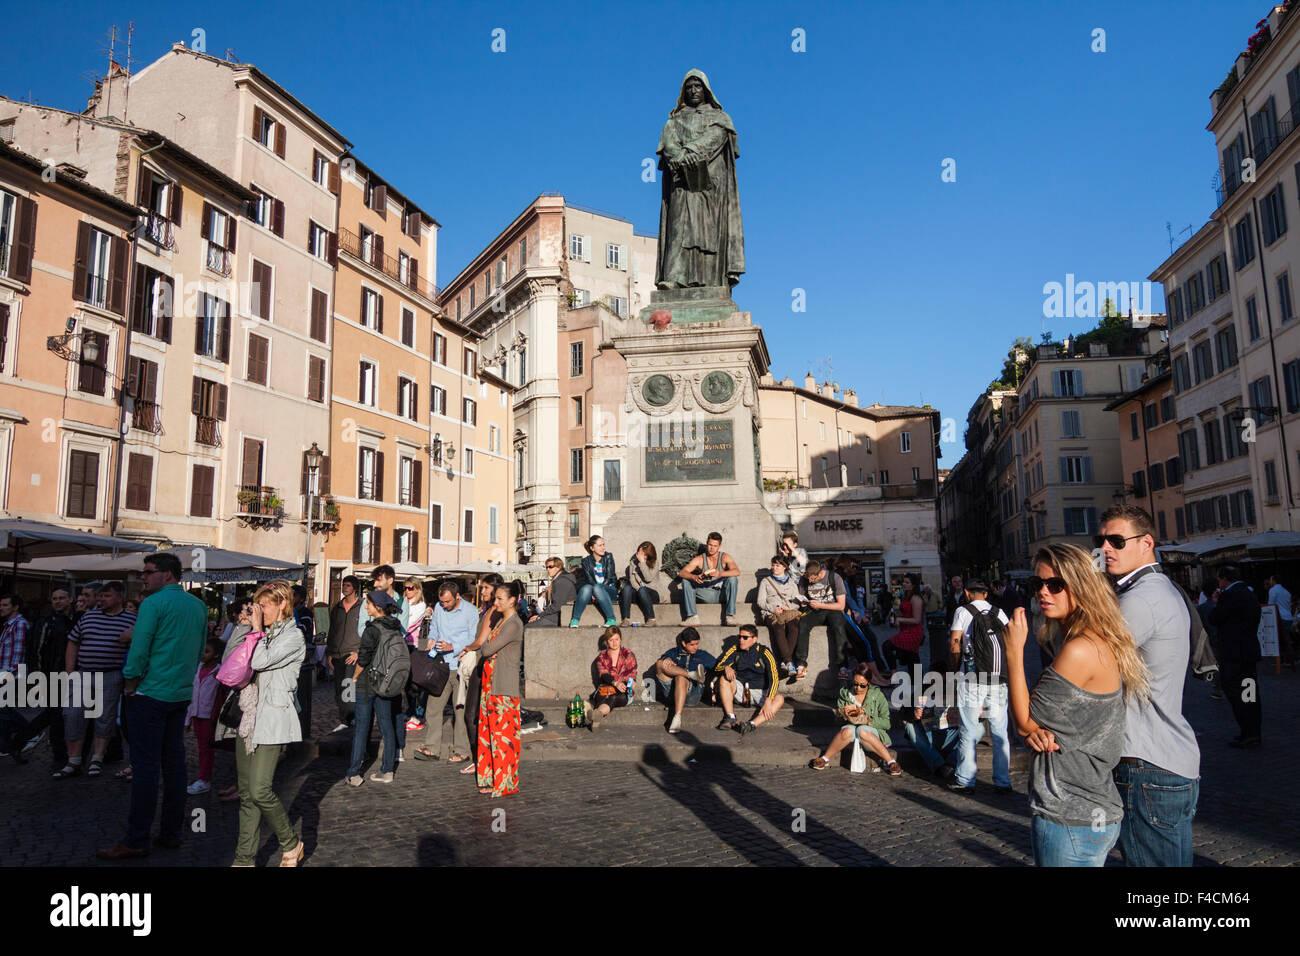 Le persone accanto al Giordano Bruno statua a Campo de Fiori, Piazza Roma, Italia Immagini Stock